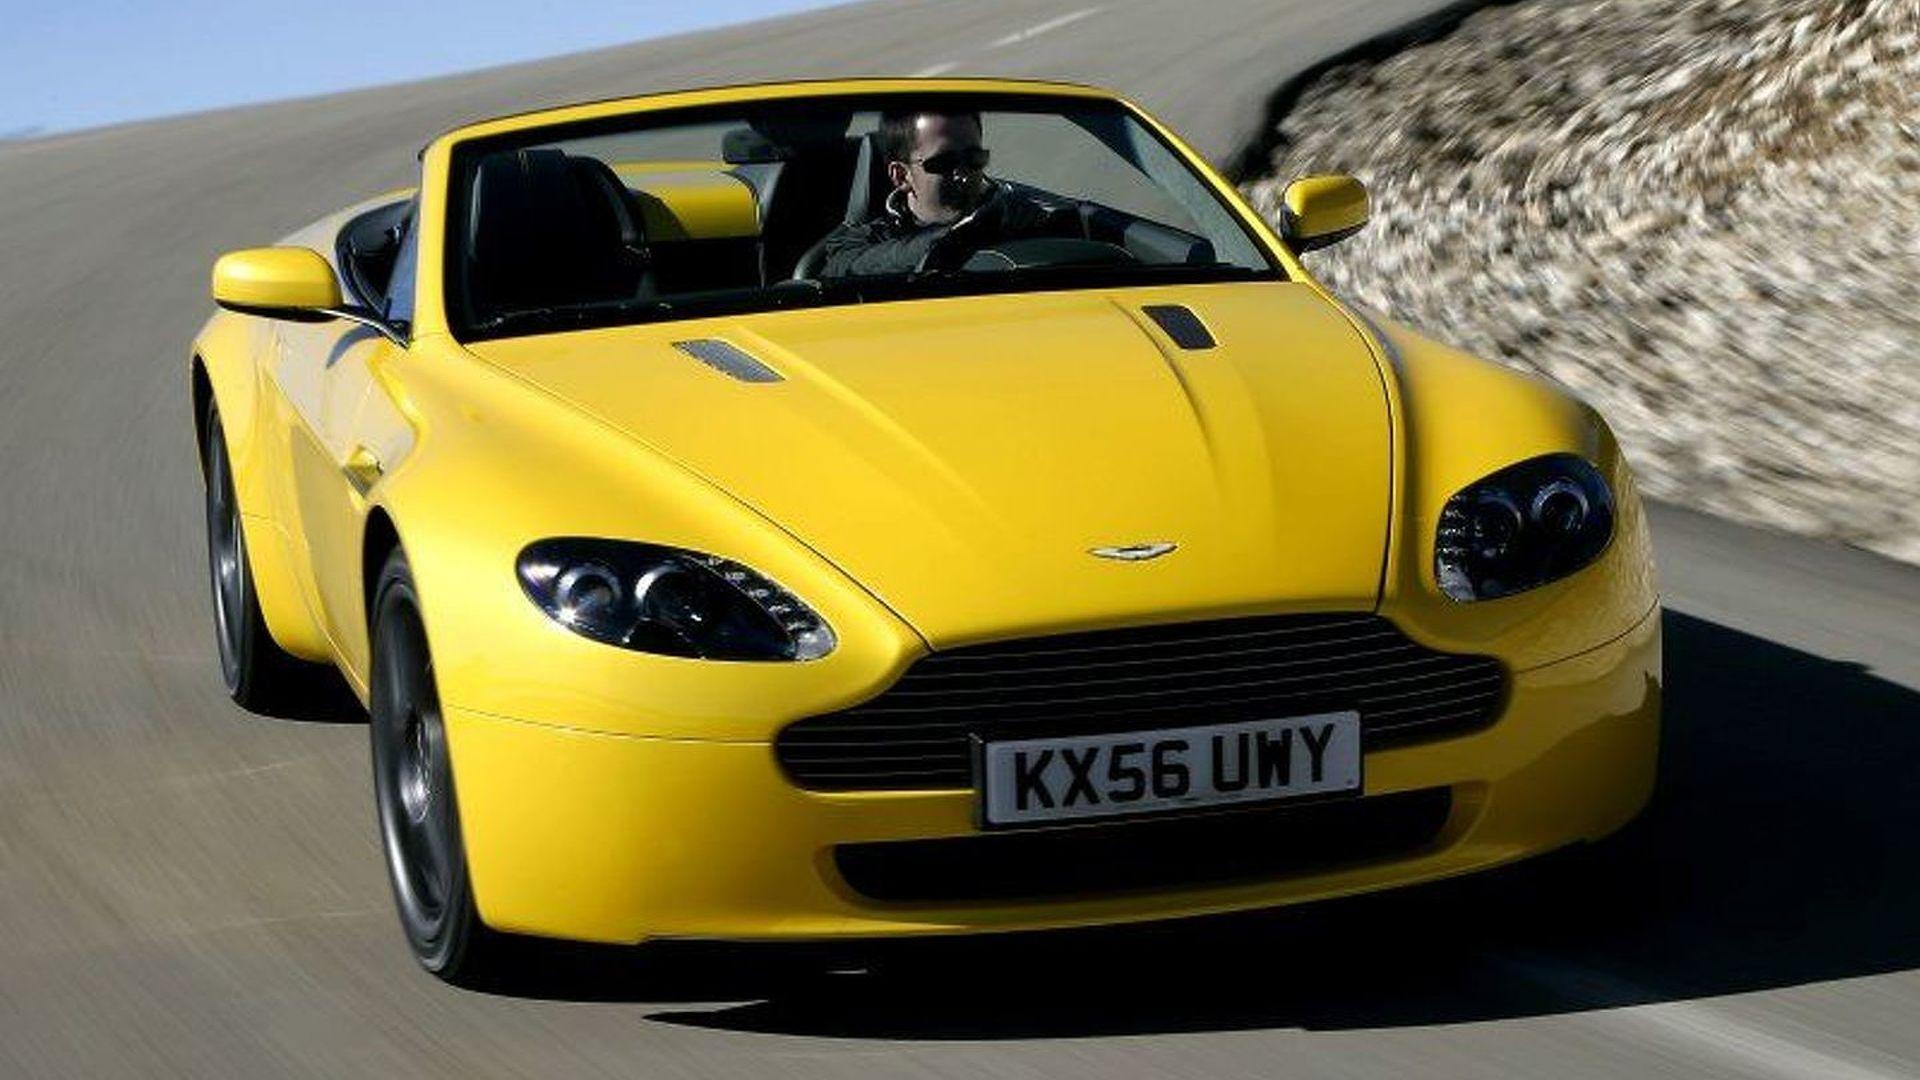 WCF Test Drive: Aston Martin V8 Vantage Roadster